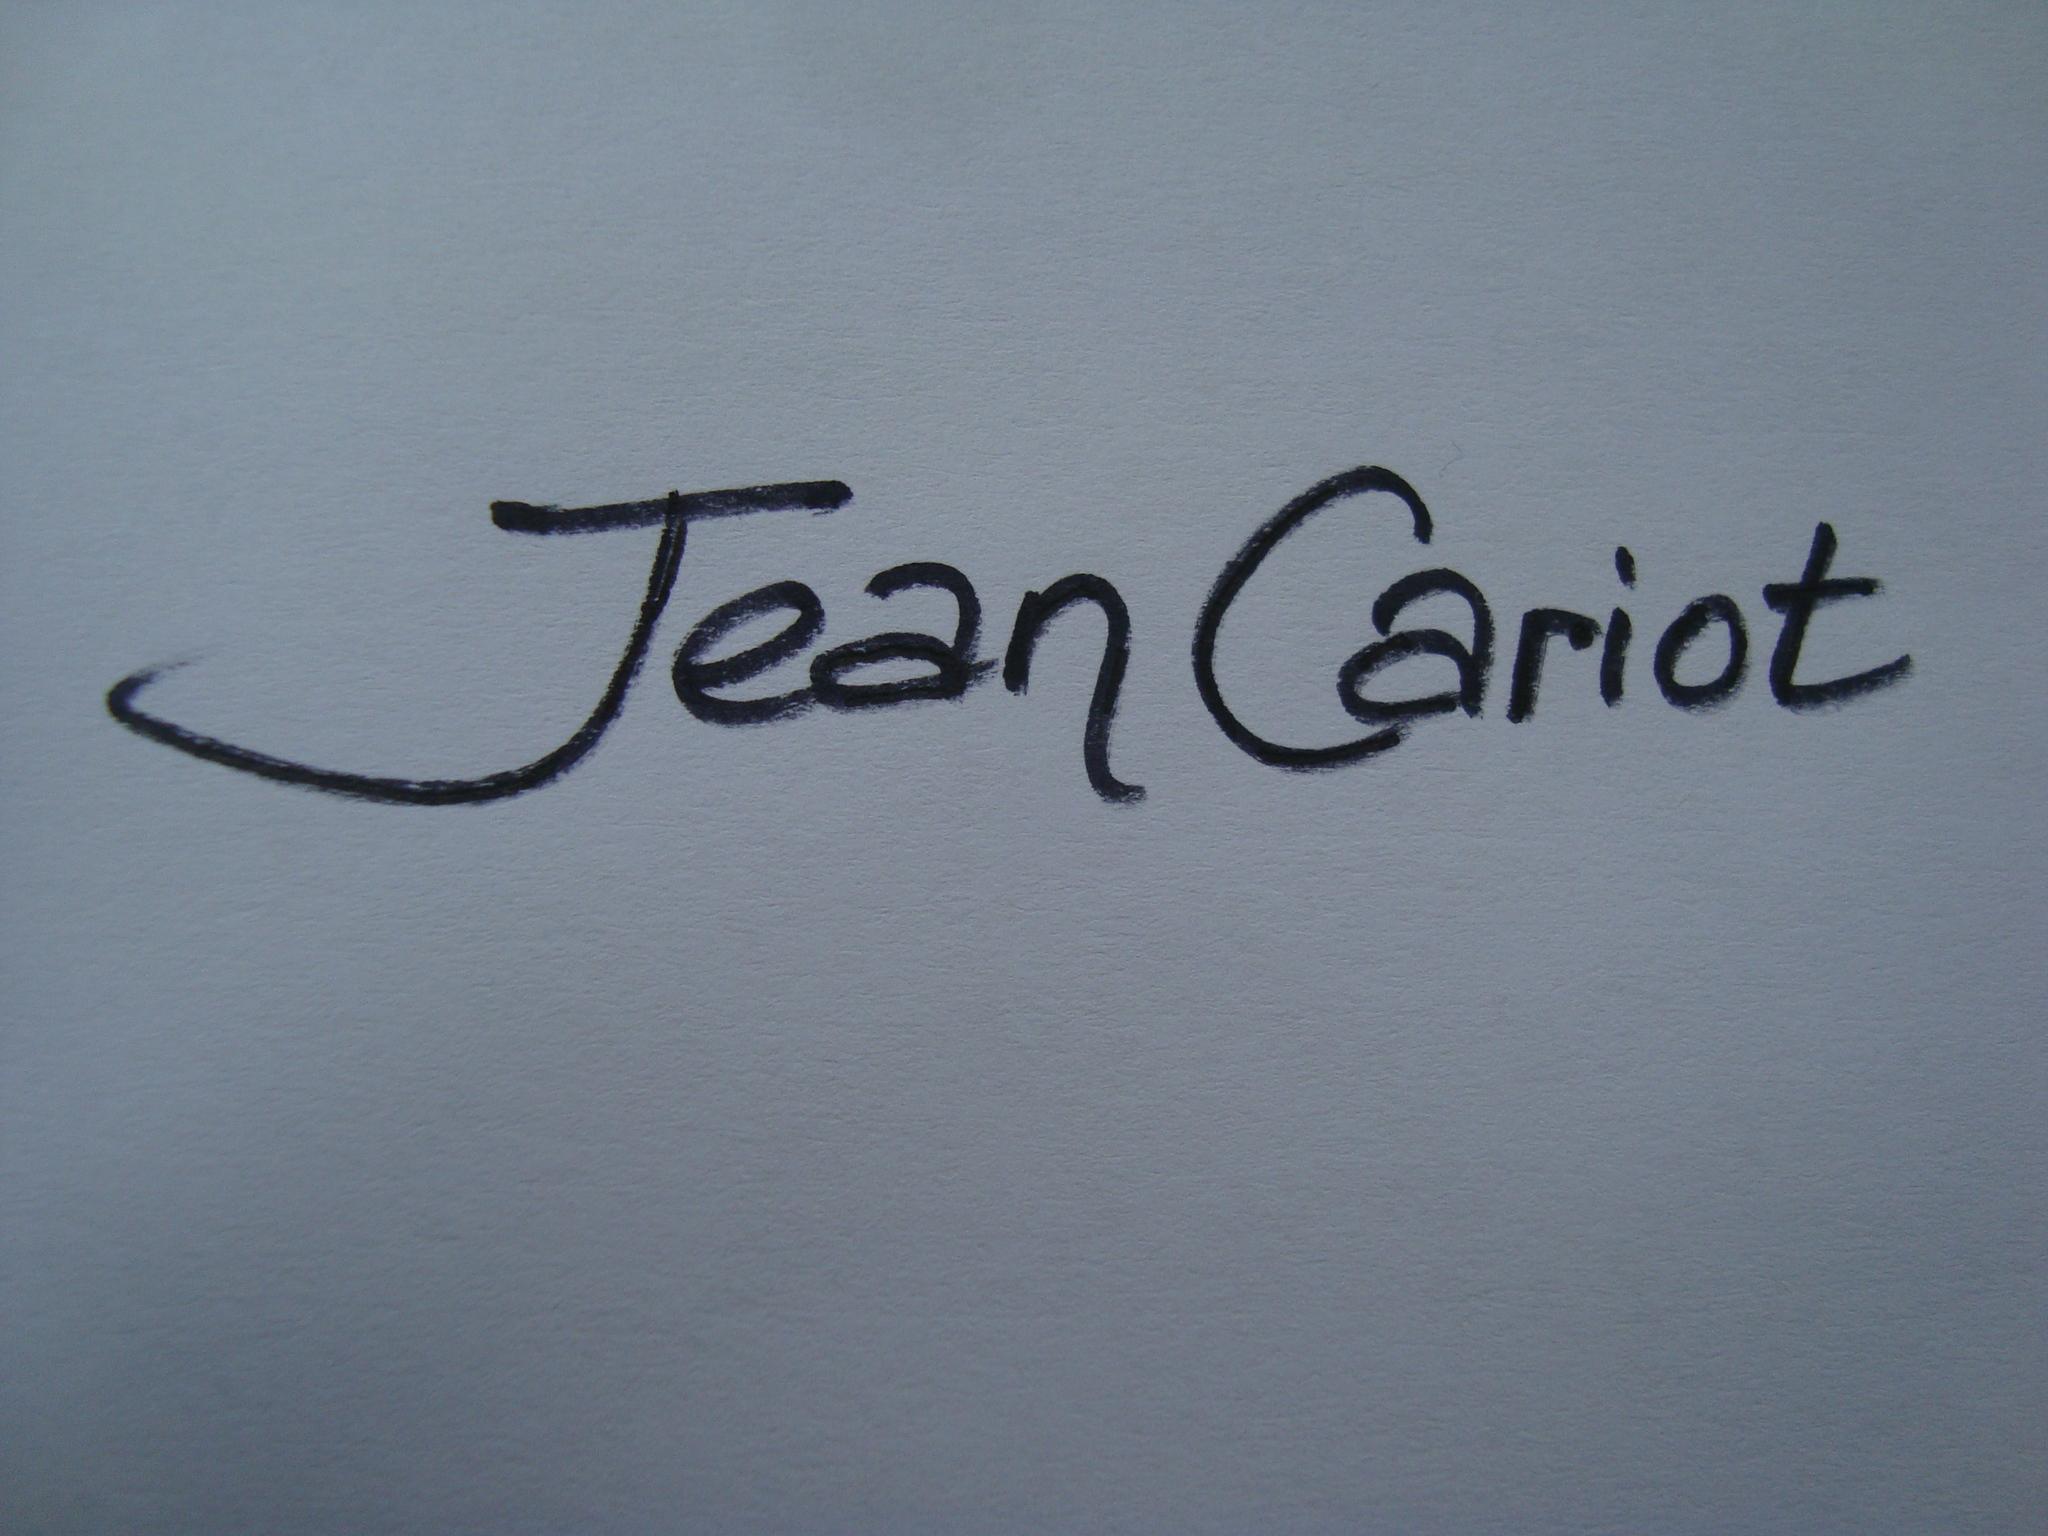 Jean Cariot's Signature